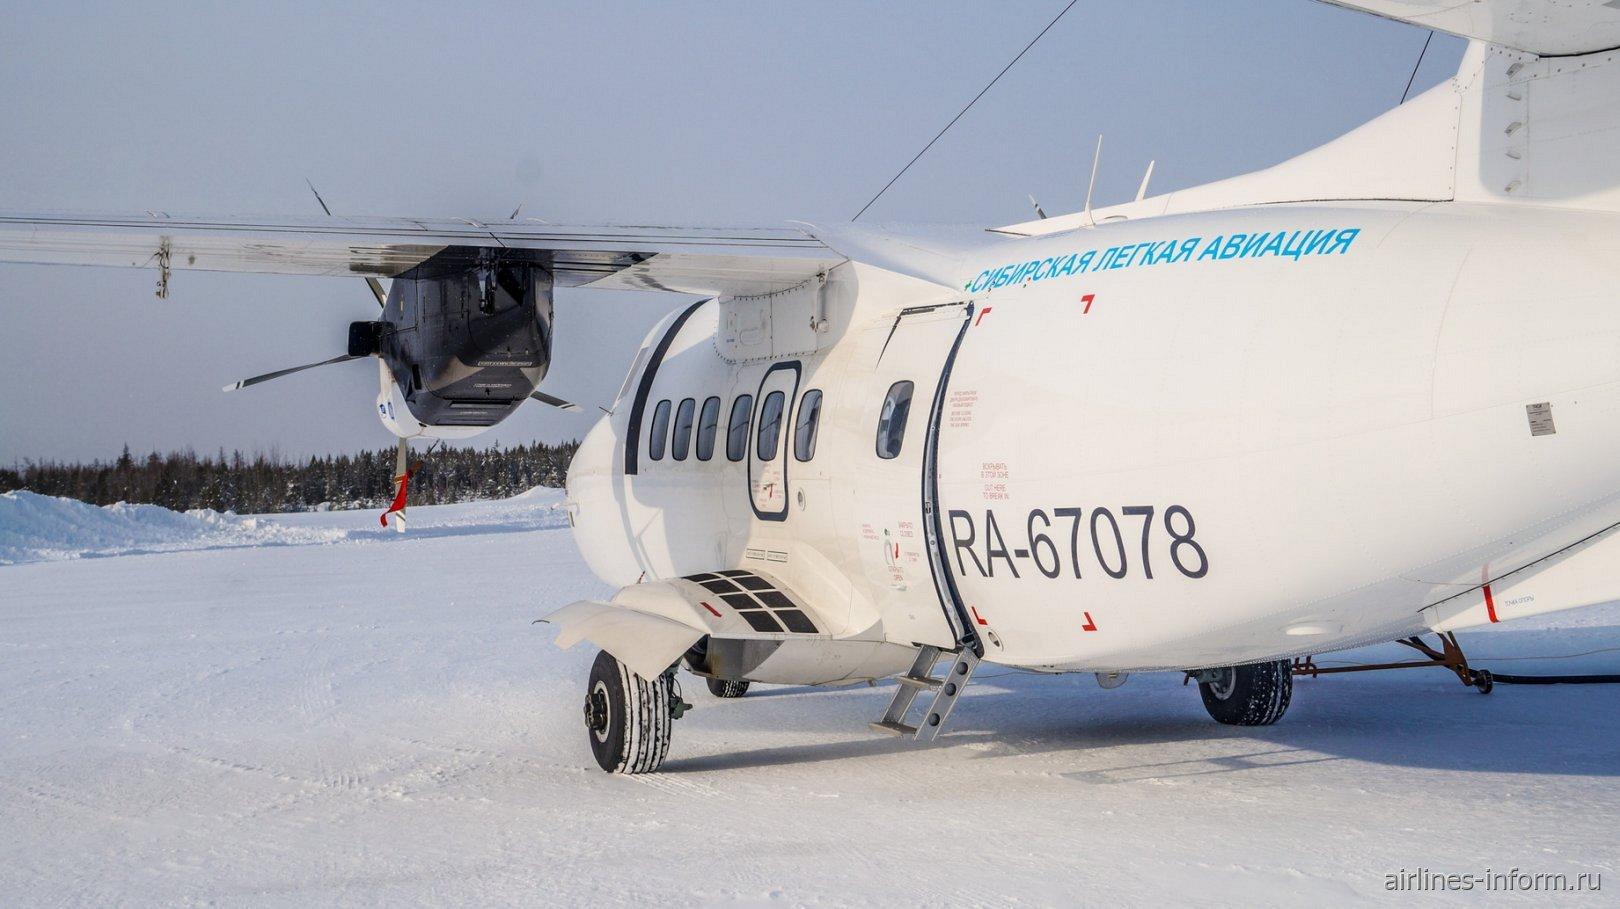 Самолет Л-410 с бортовым номером RA-67078